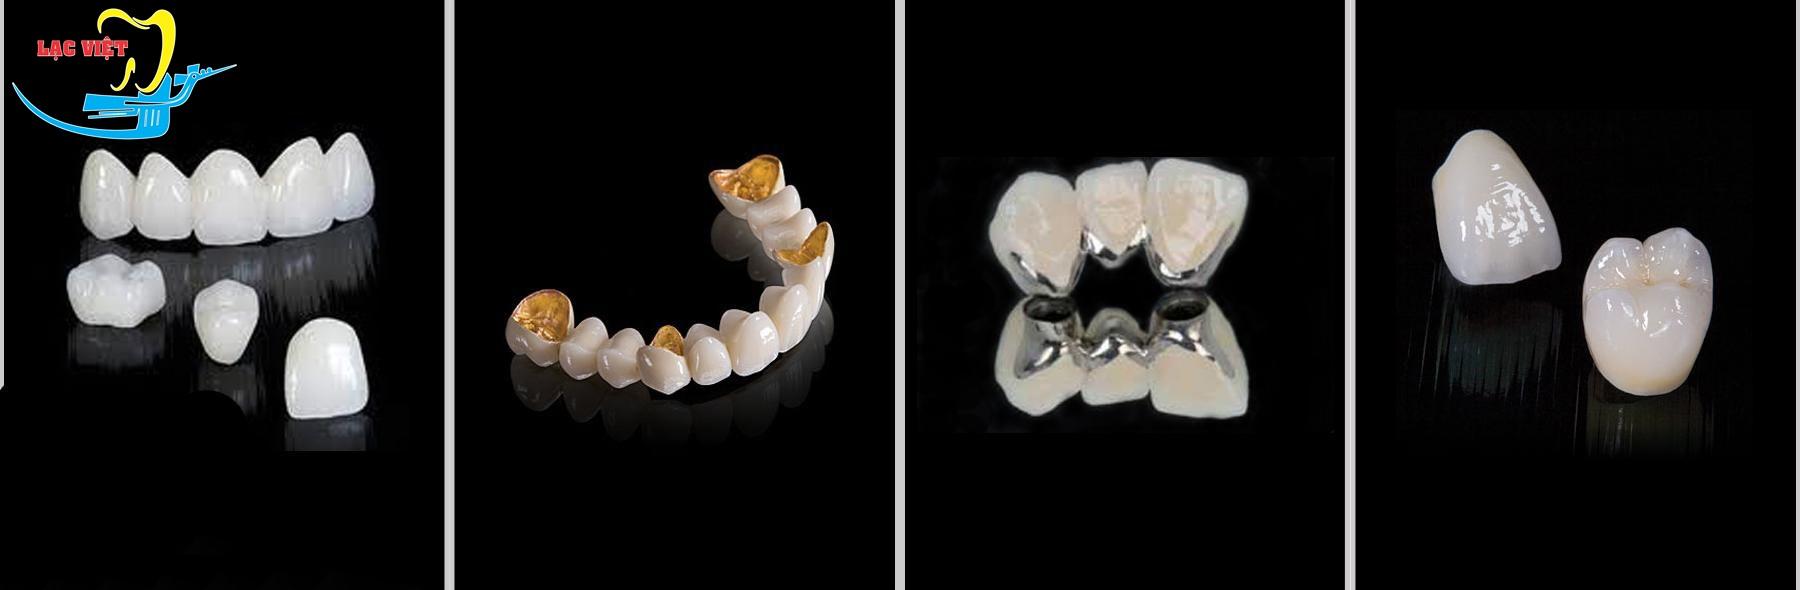 Trồng răng giả bao nhiêu tiền phụ thuộc vào những yếu tố nào?